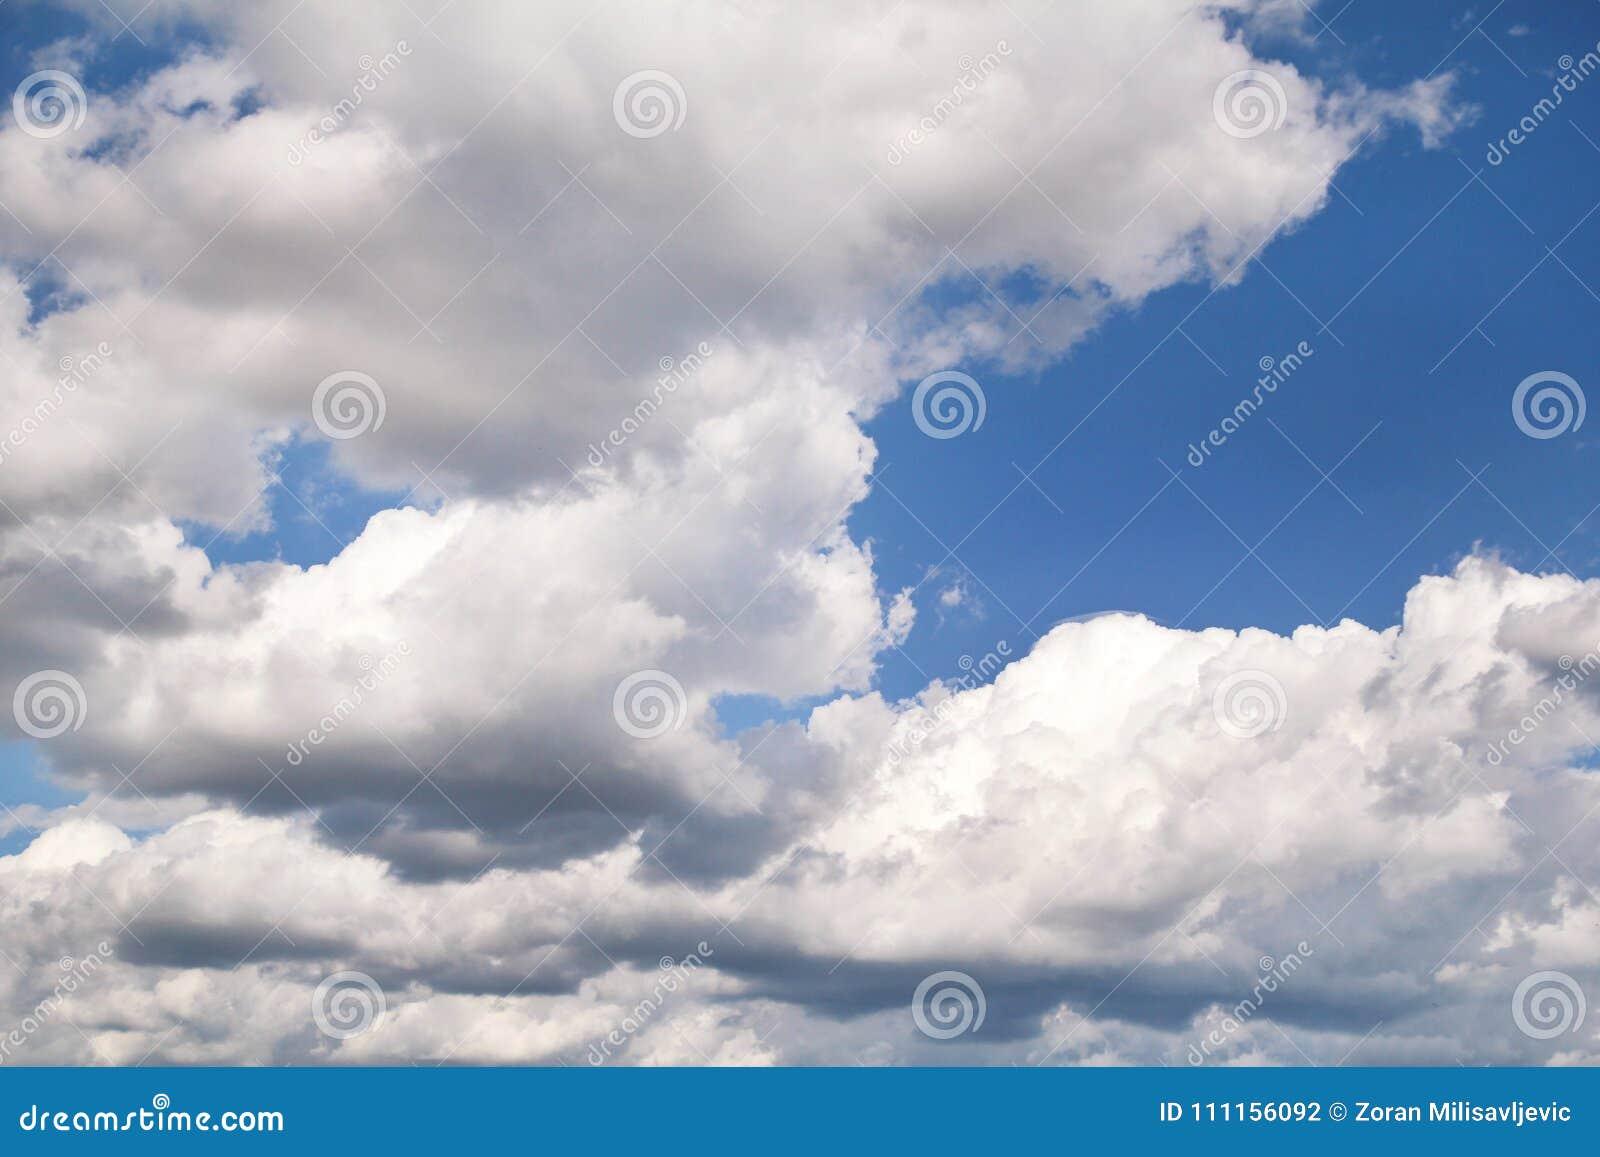 Wunderbar Blauer Himmel Lebenslauf Anschreiben Fotos - Entry Level ...